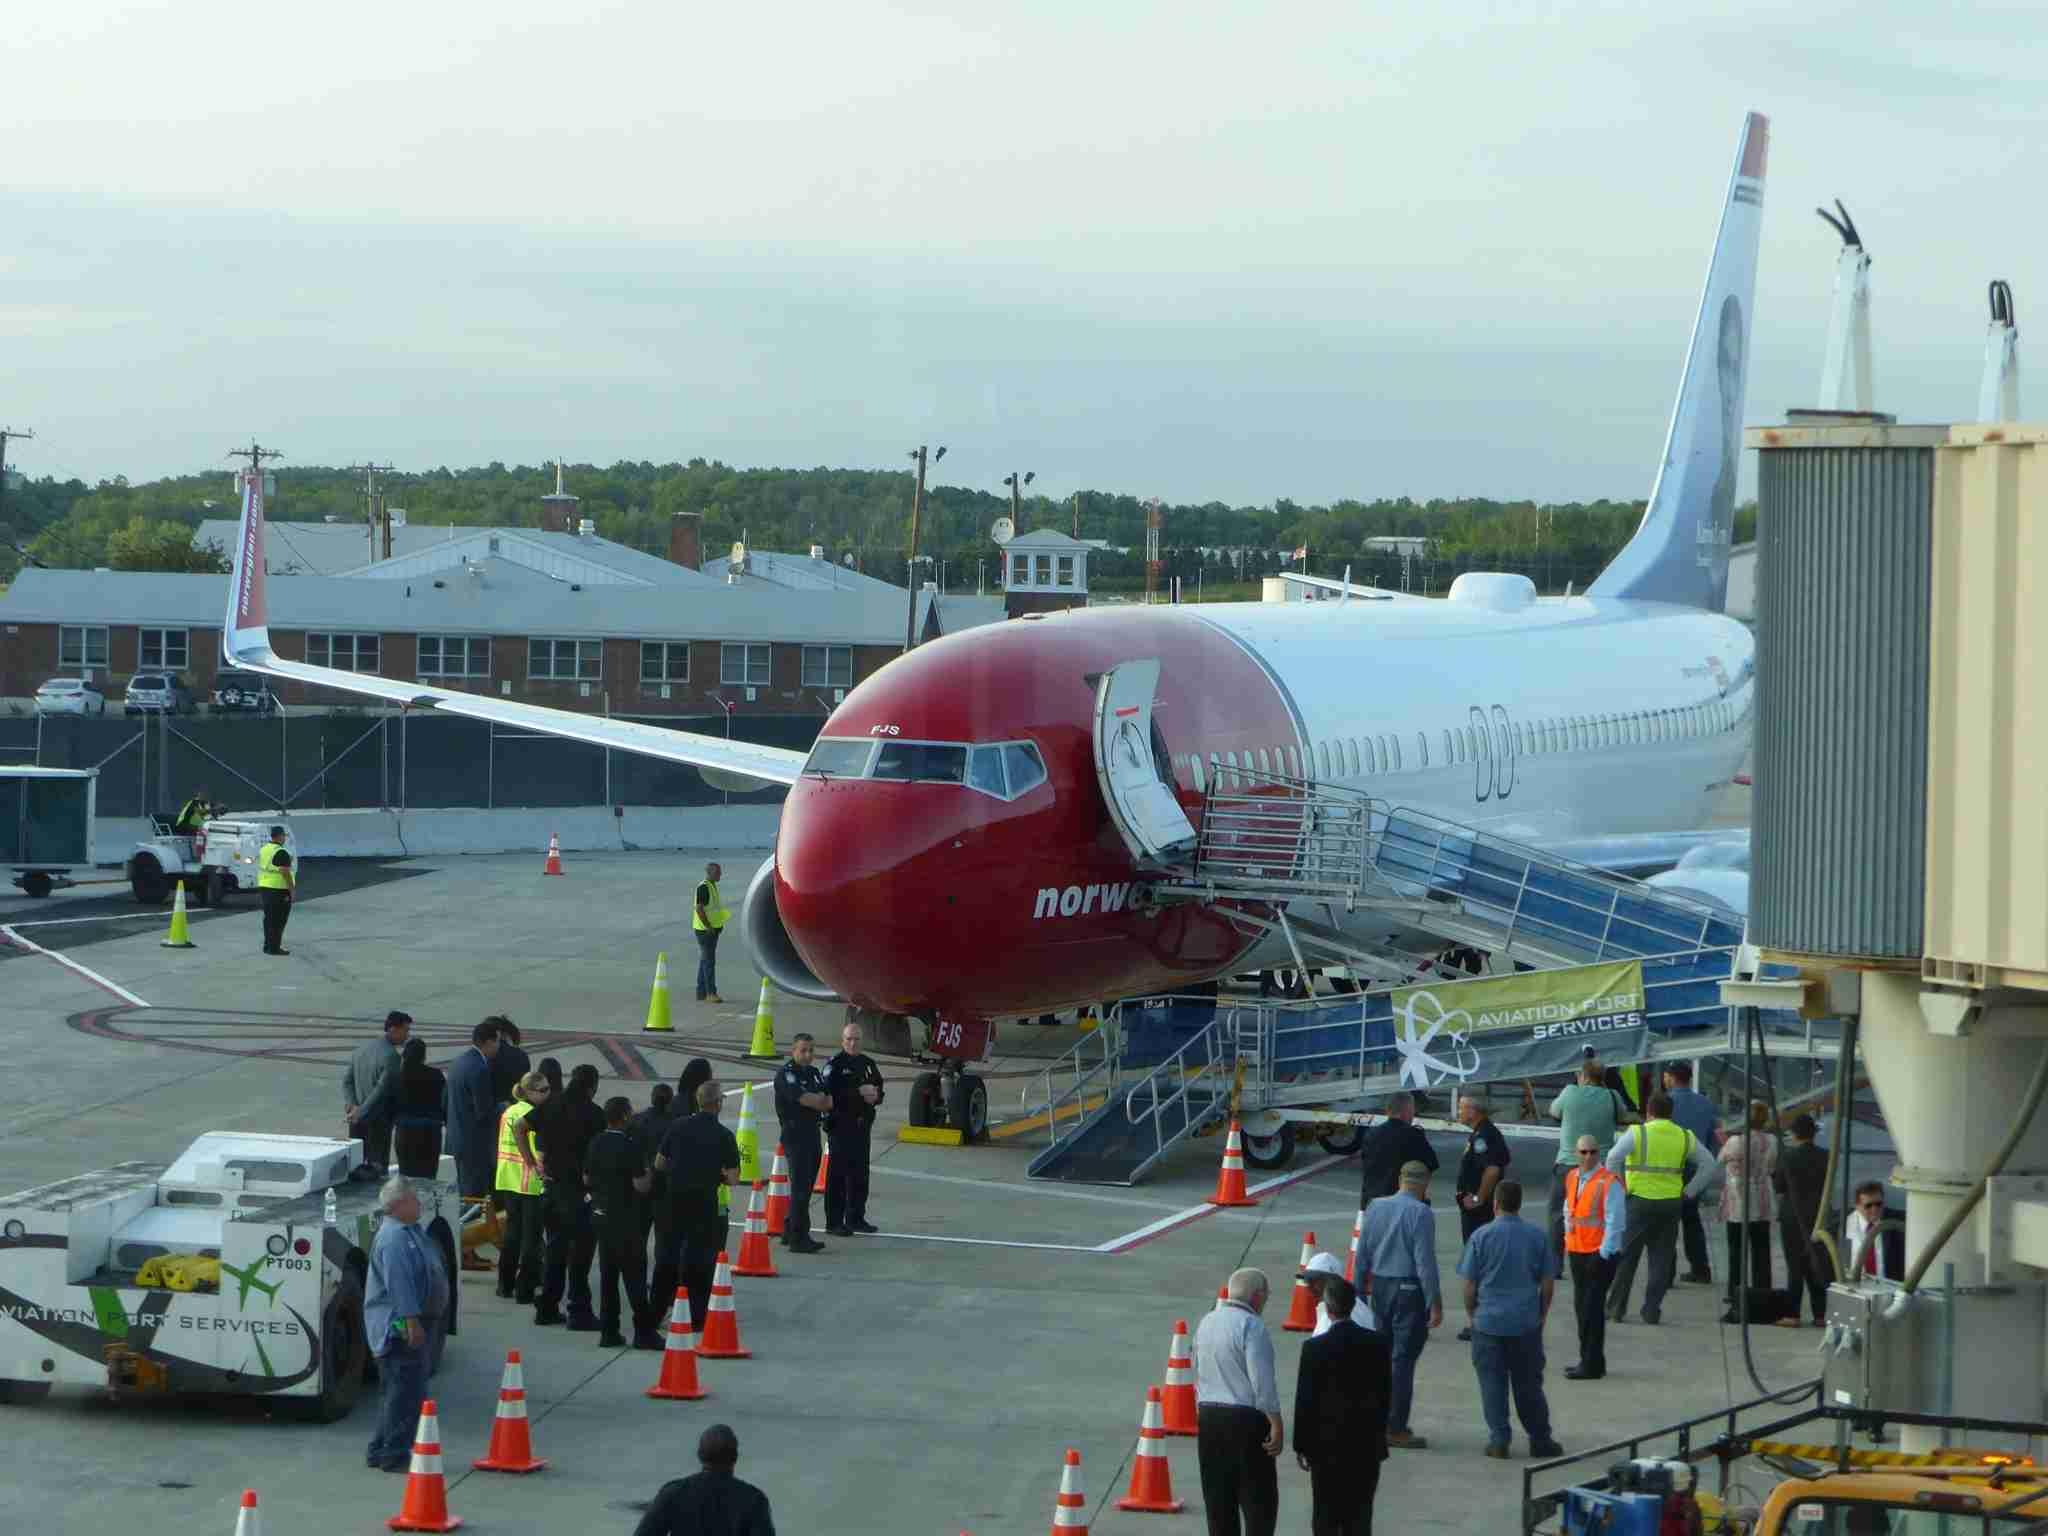 IMG-Norwegian-Edinburgh-plane